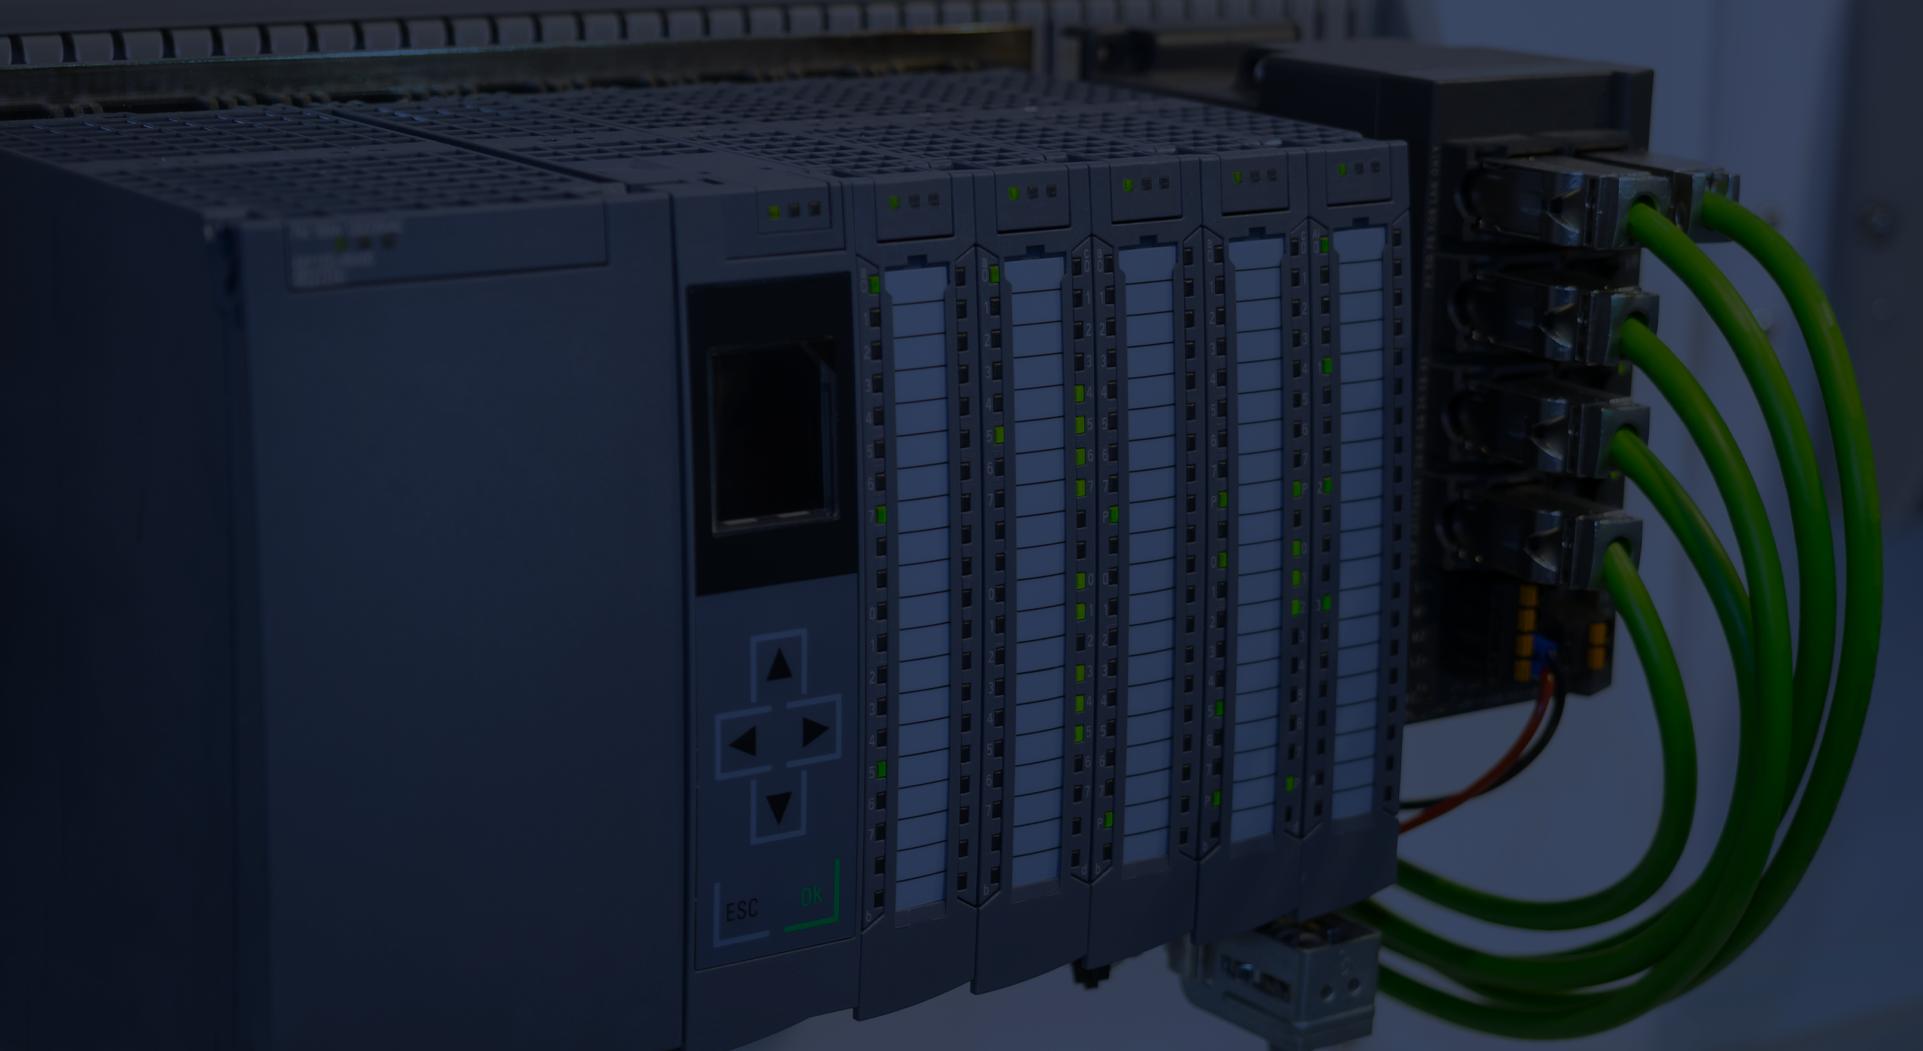 Industrial Controls & Remote I/O – Mar 2019